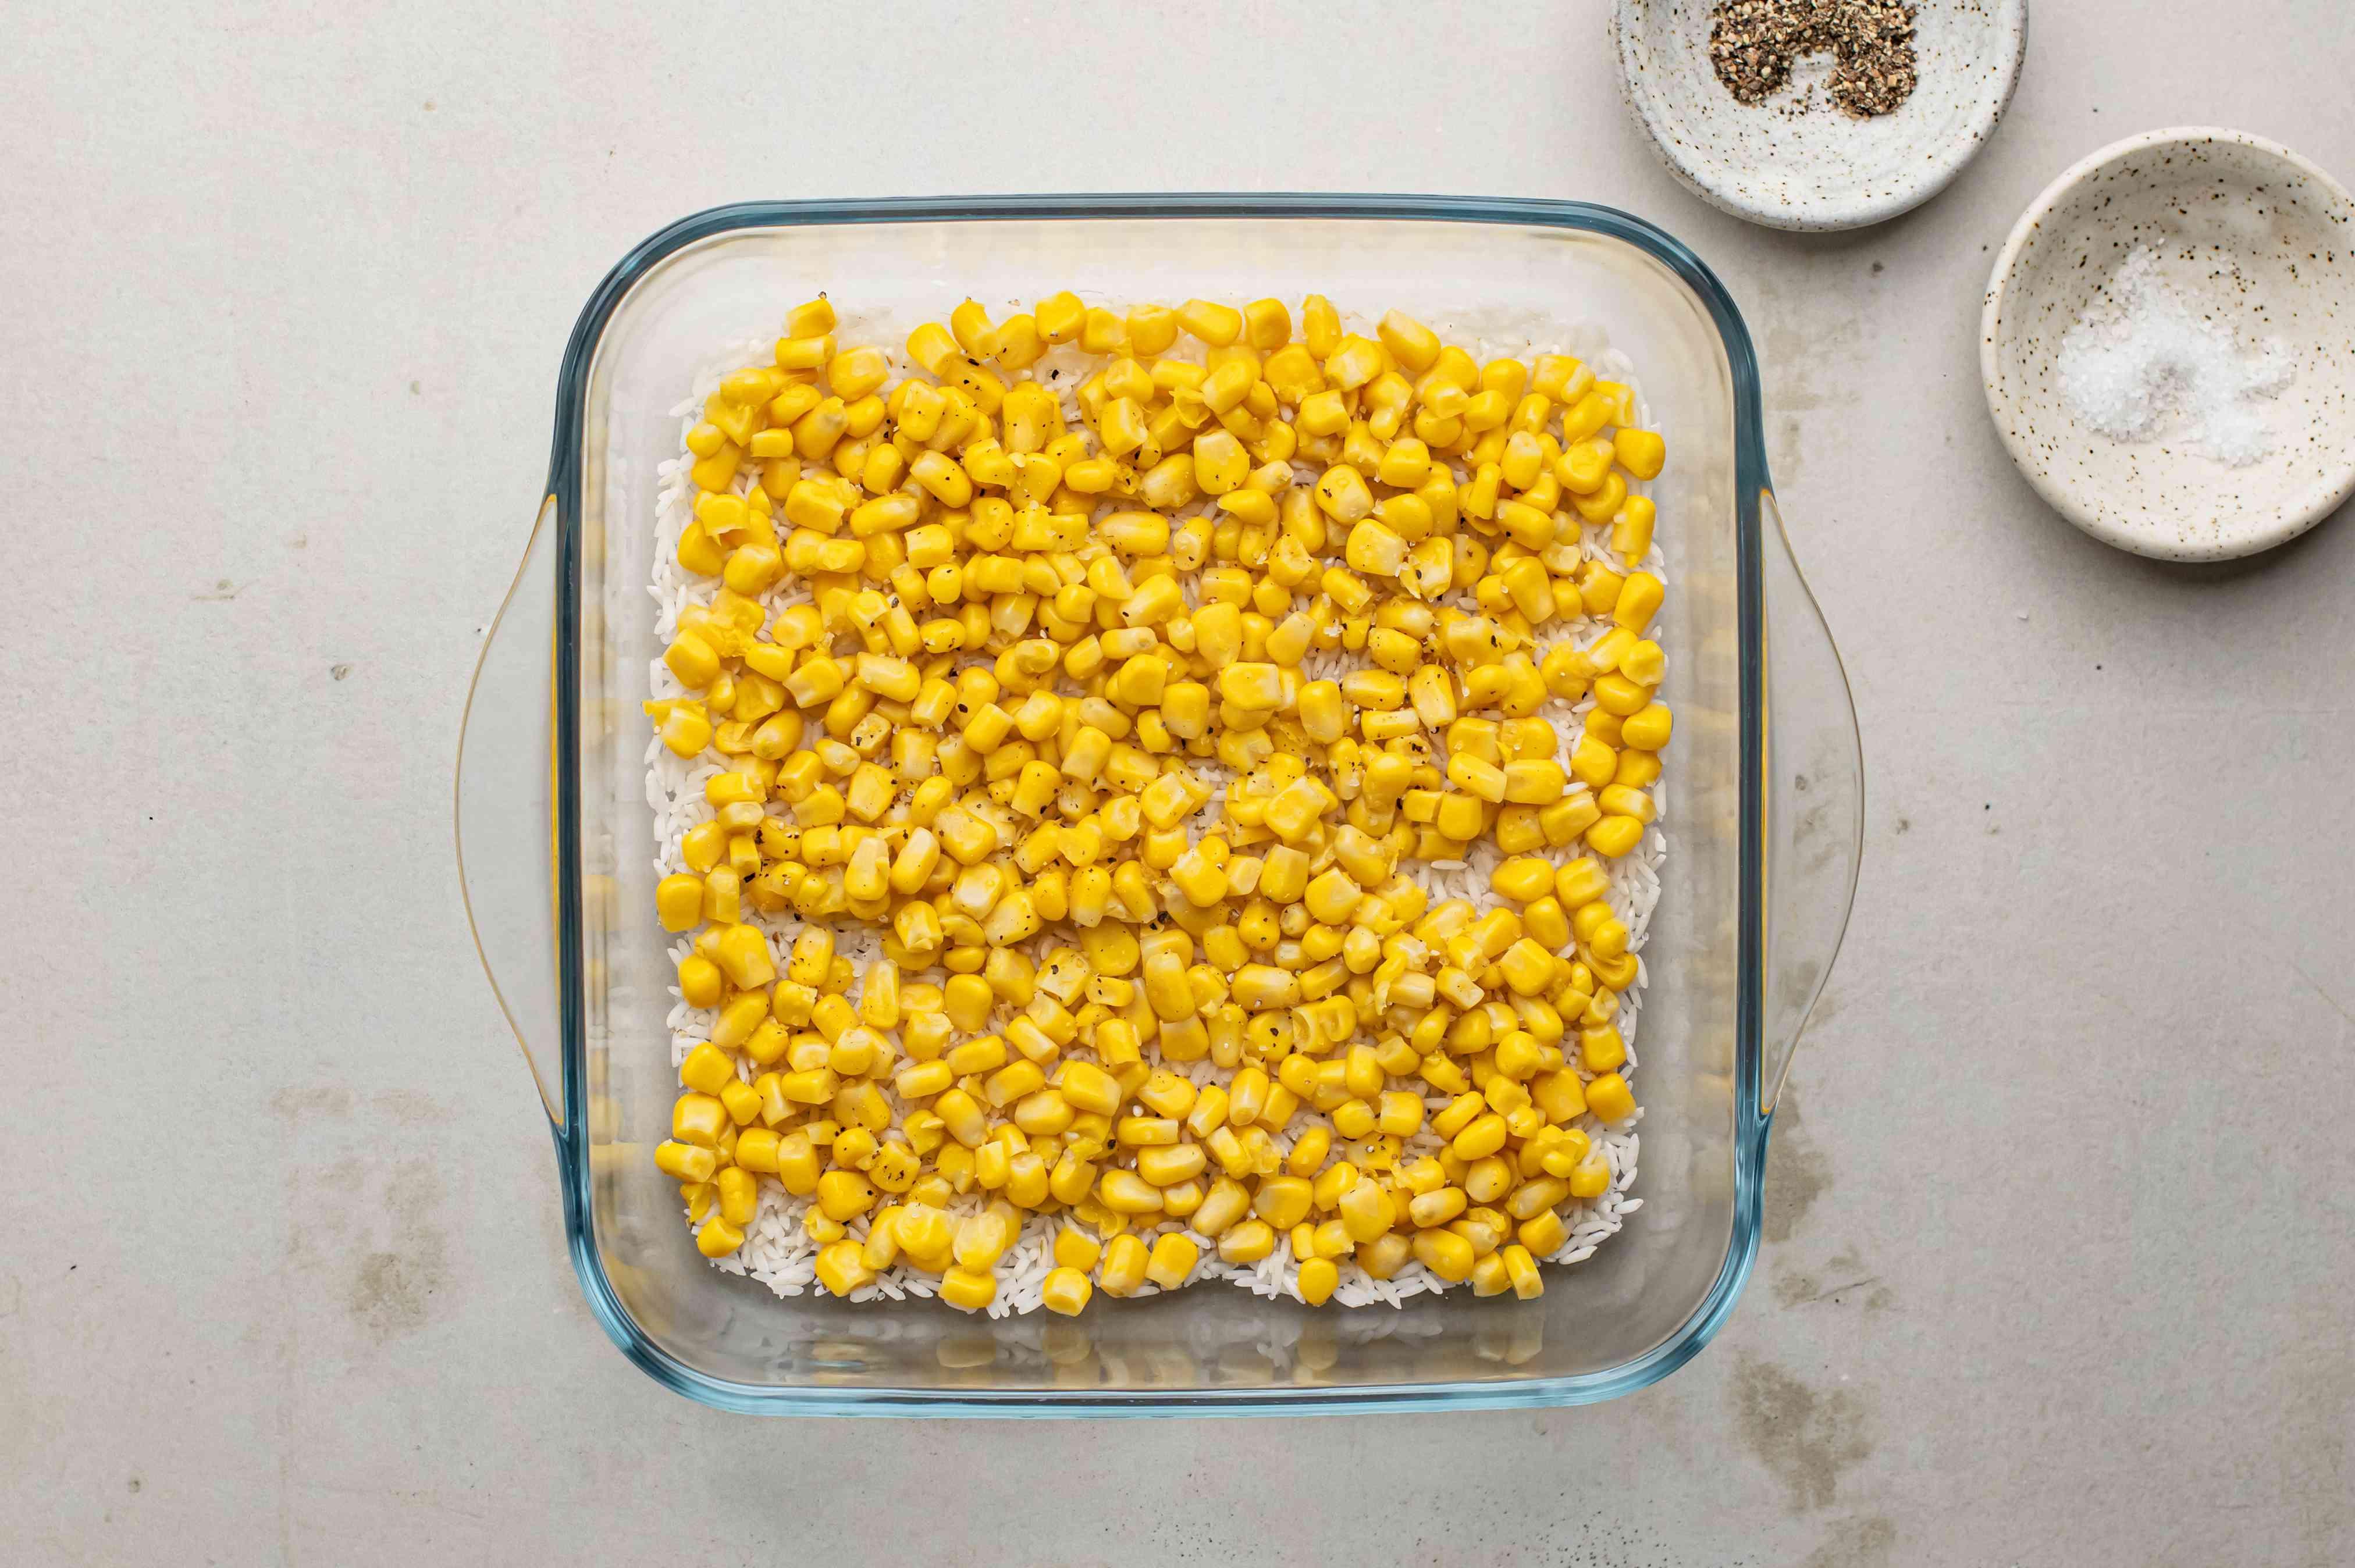 Corn in baking dish